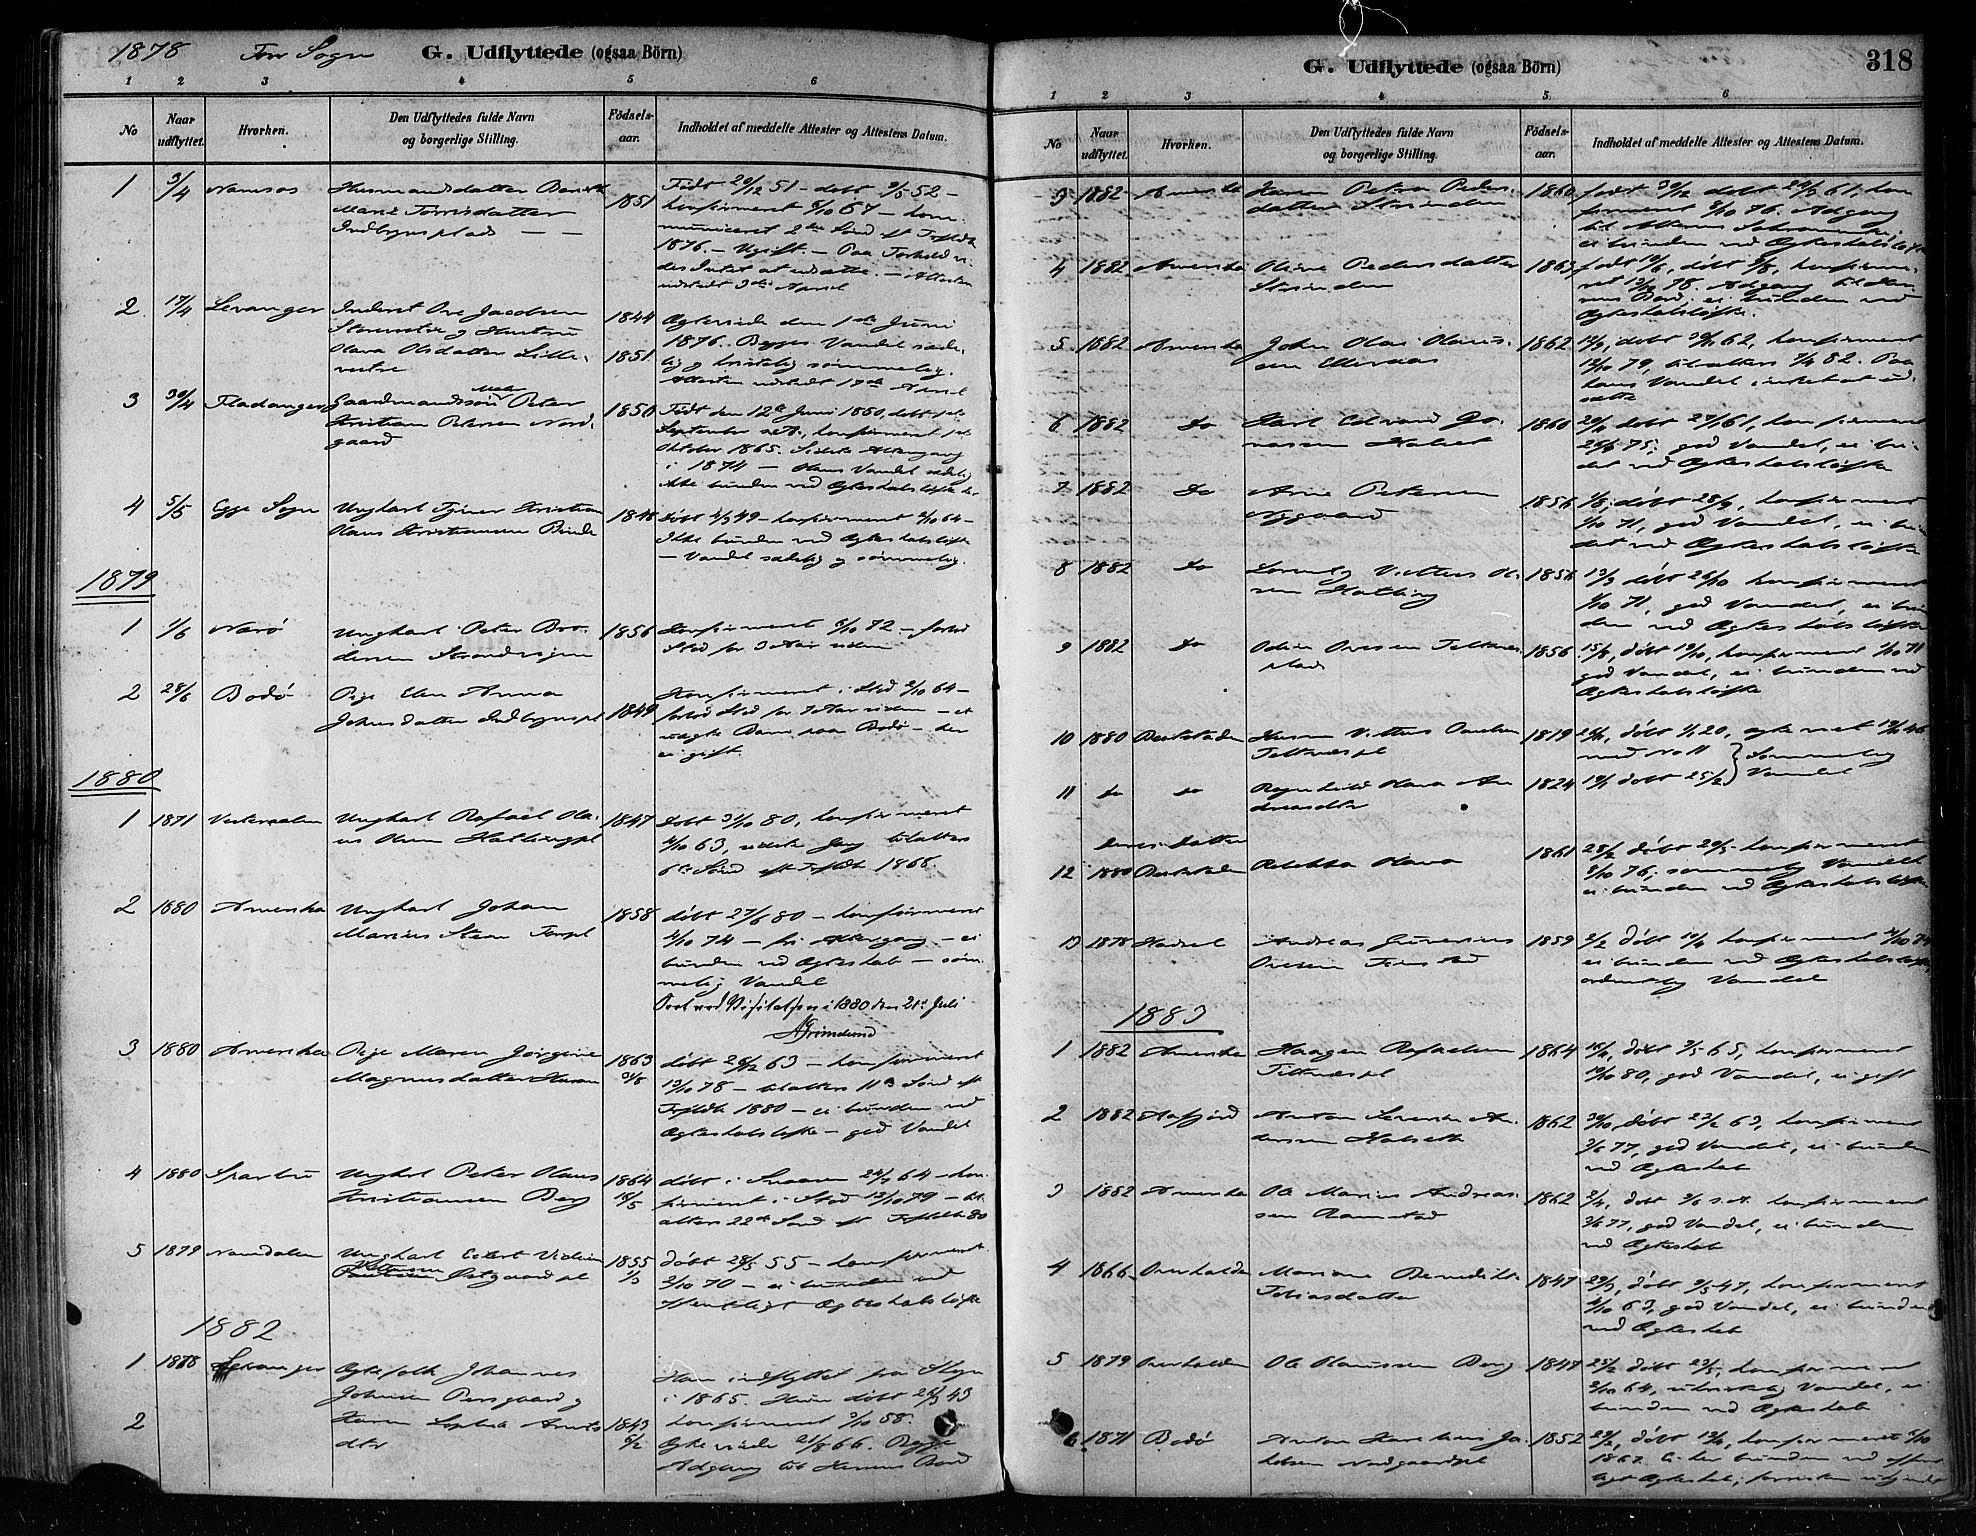 SAT, Ministerialprotokoller, klokkerbøker og fødselsregistre - Nord-Trøndelag, 746/L0448: Ministerialbok nr. 746A07 /1, 1878-1900, s. 318